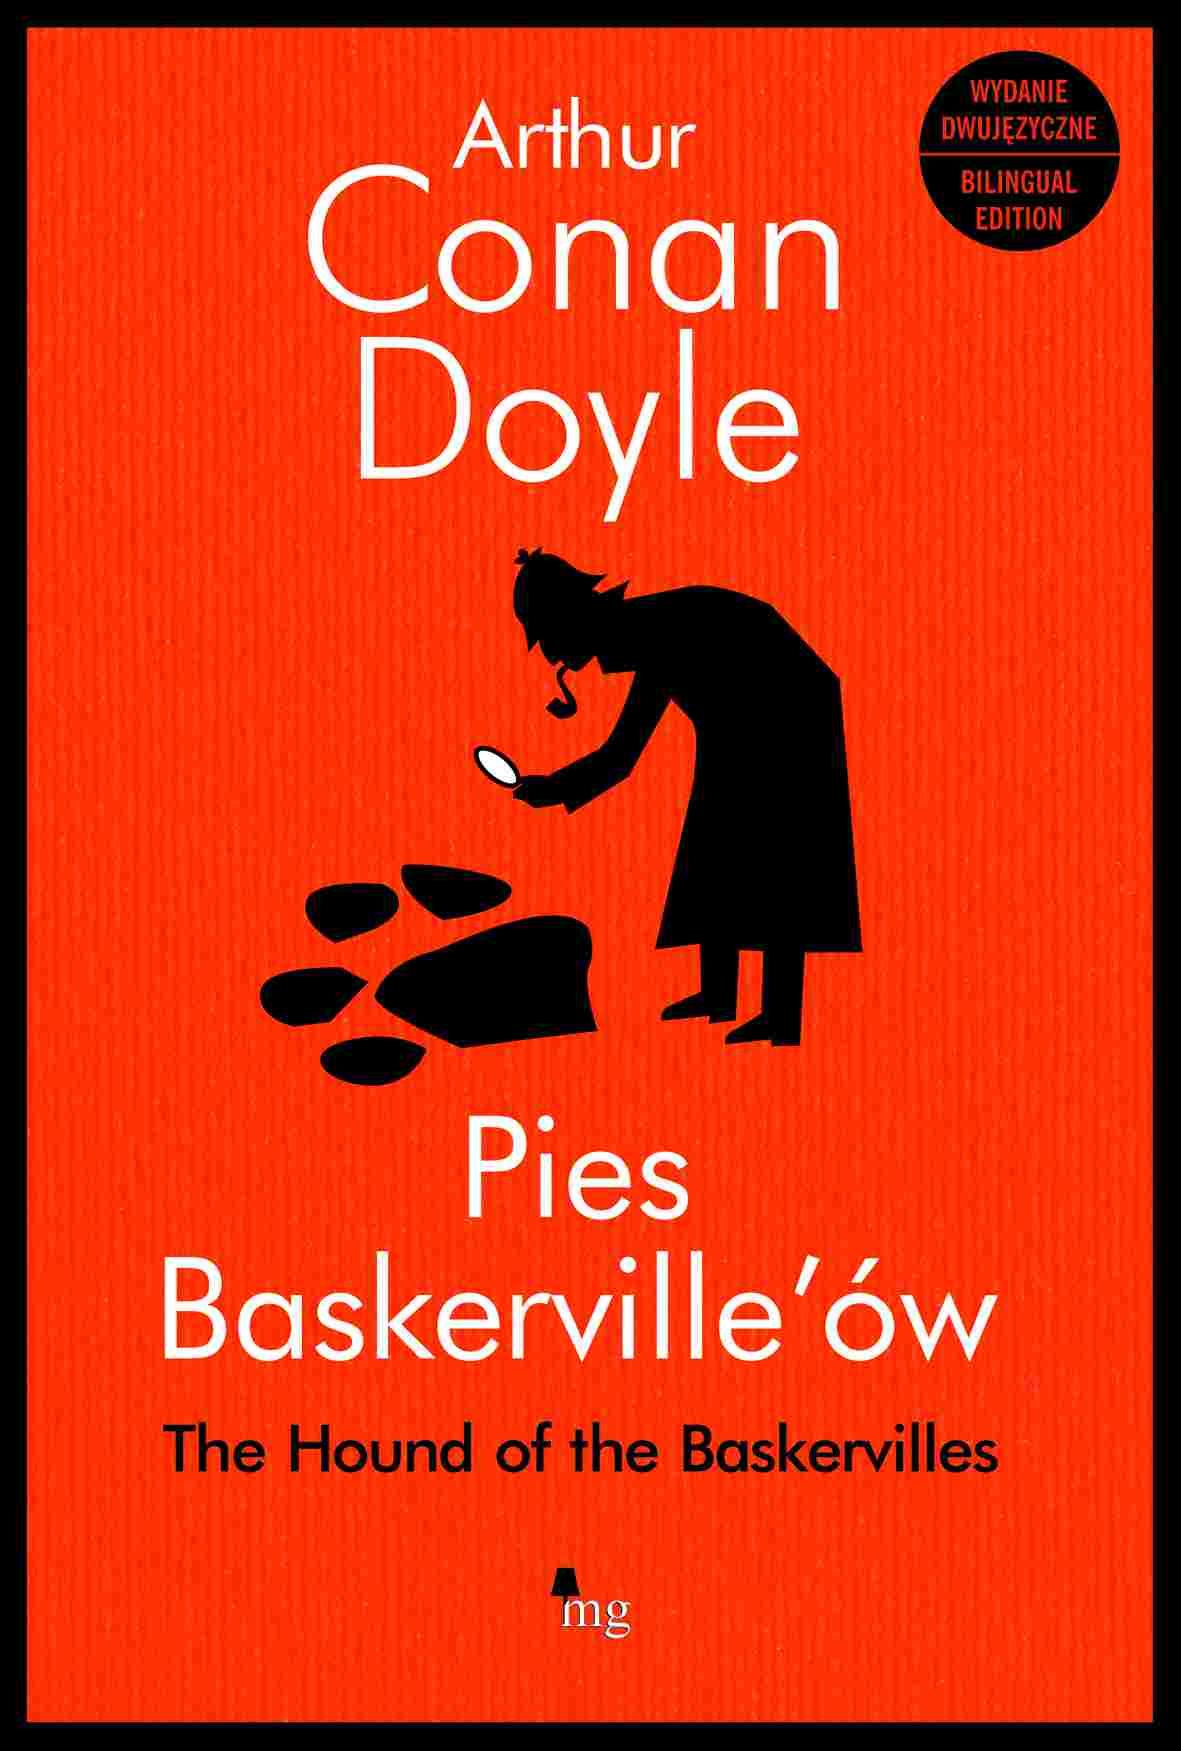 Pies Baskerville'ów. Hound of the Baskerville - wydanie dwujęzyczne - Ebook (Książka na Kindle) do pobrania w formacie MOBI